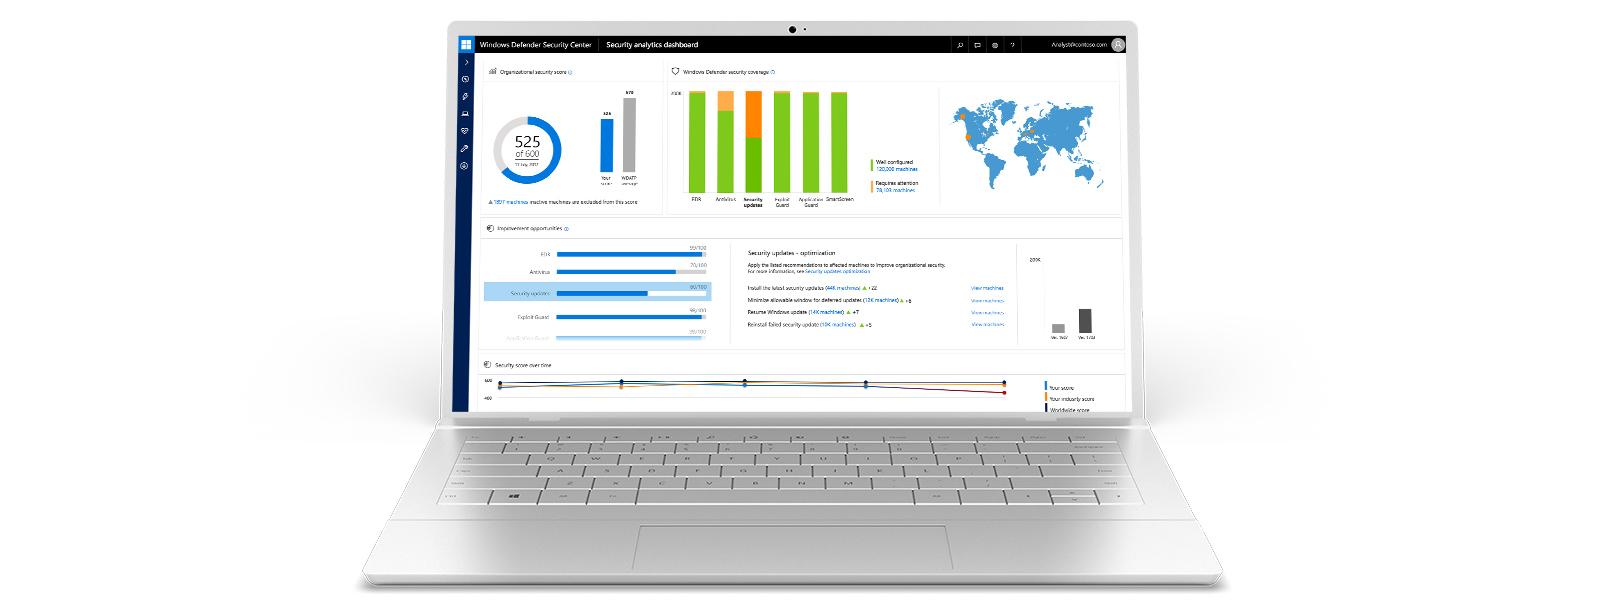 Surface Book 上的 Windows 10